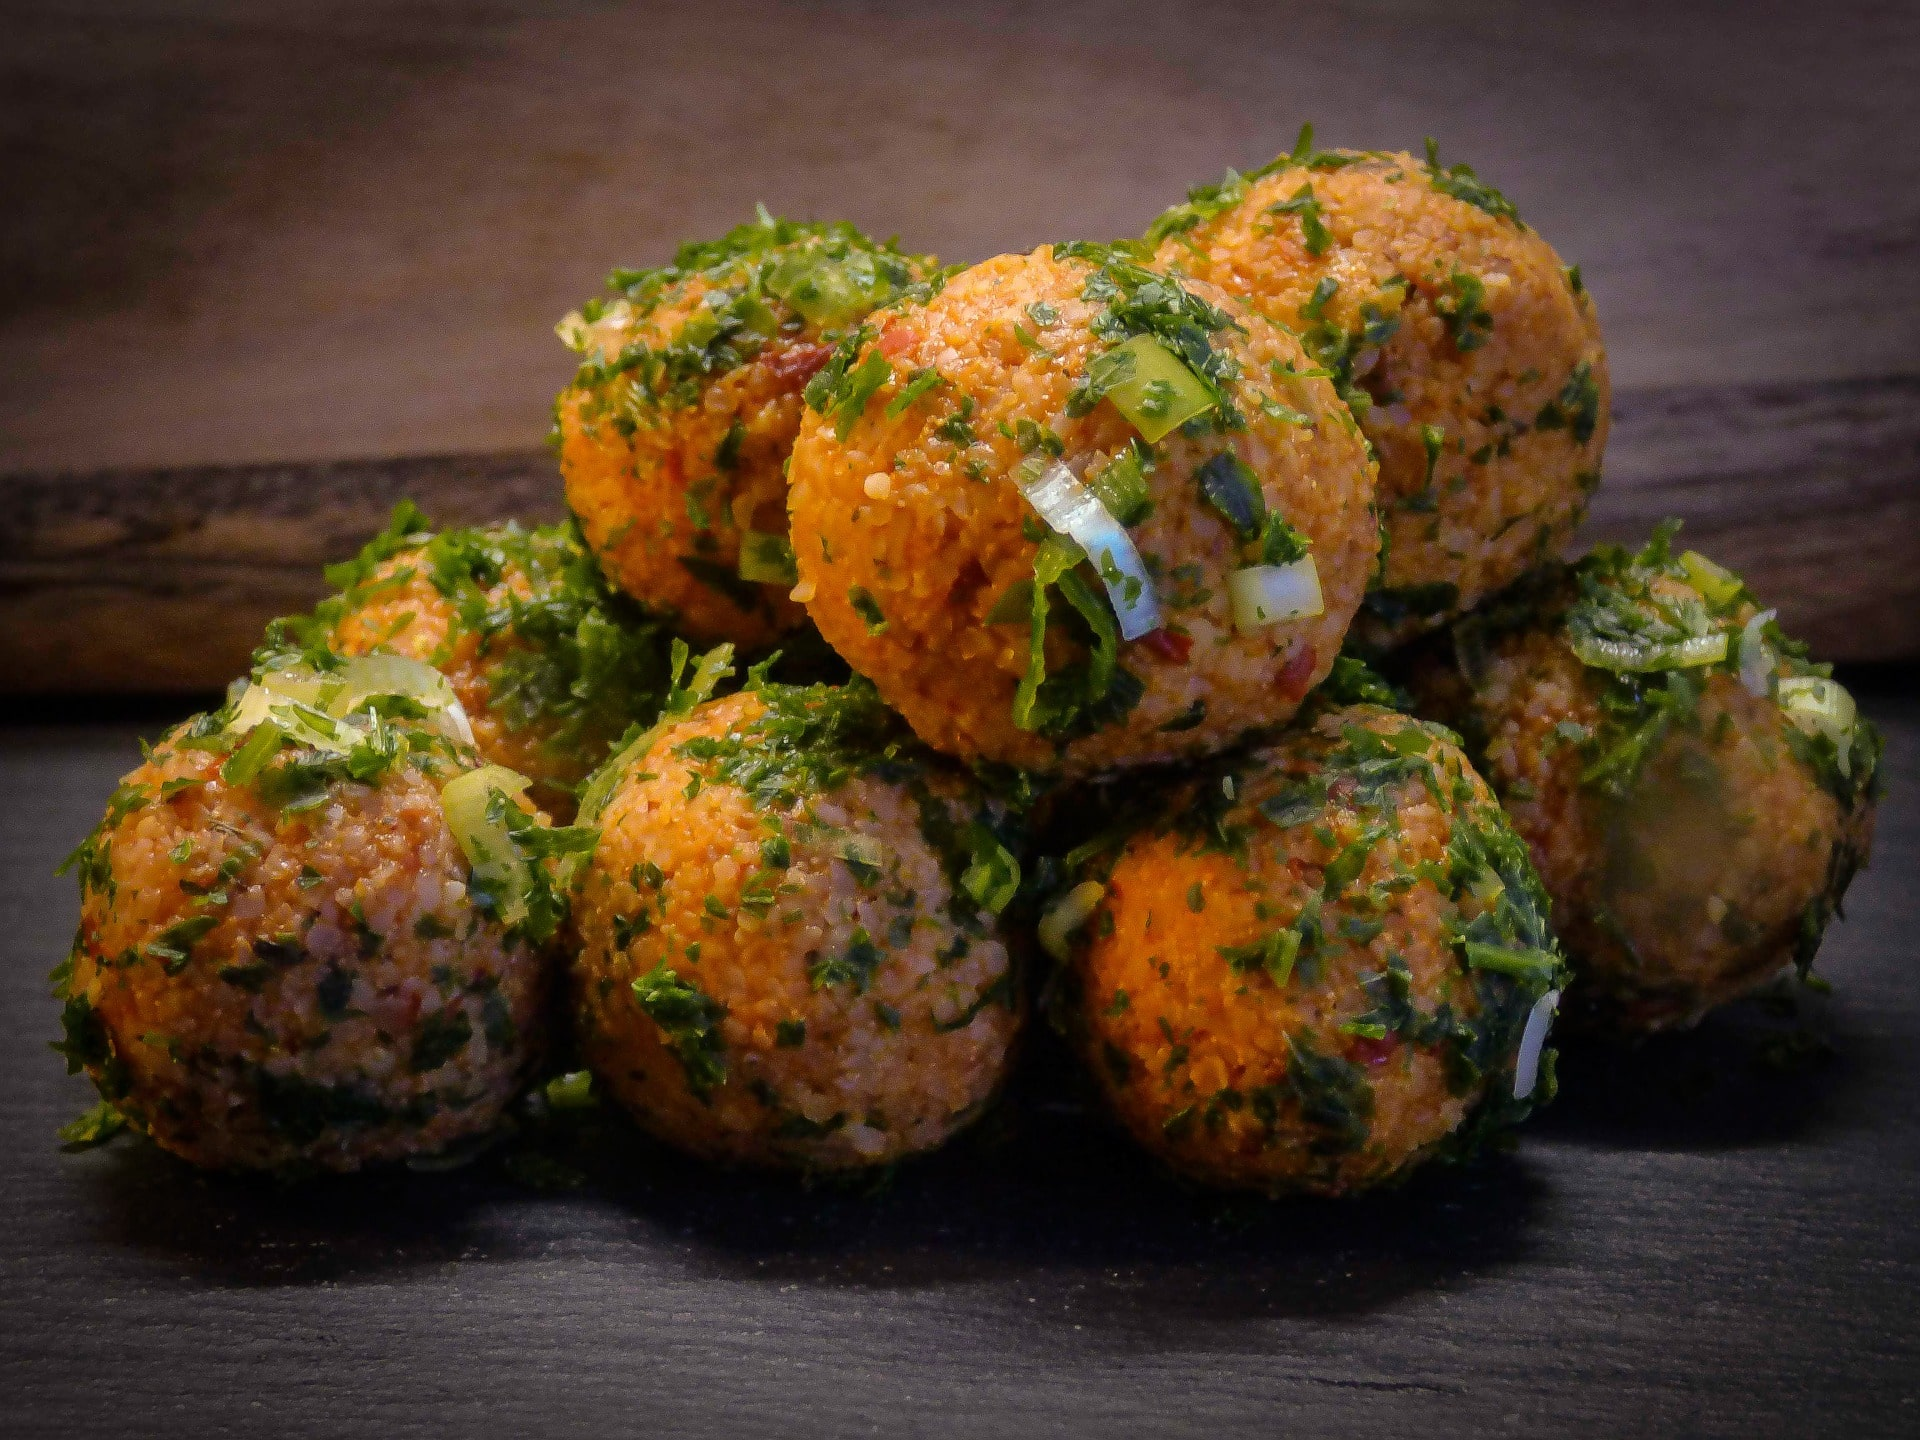 Comida típica y recetas tradicionales de Turquía